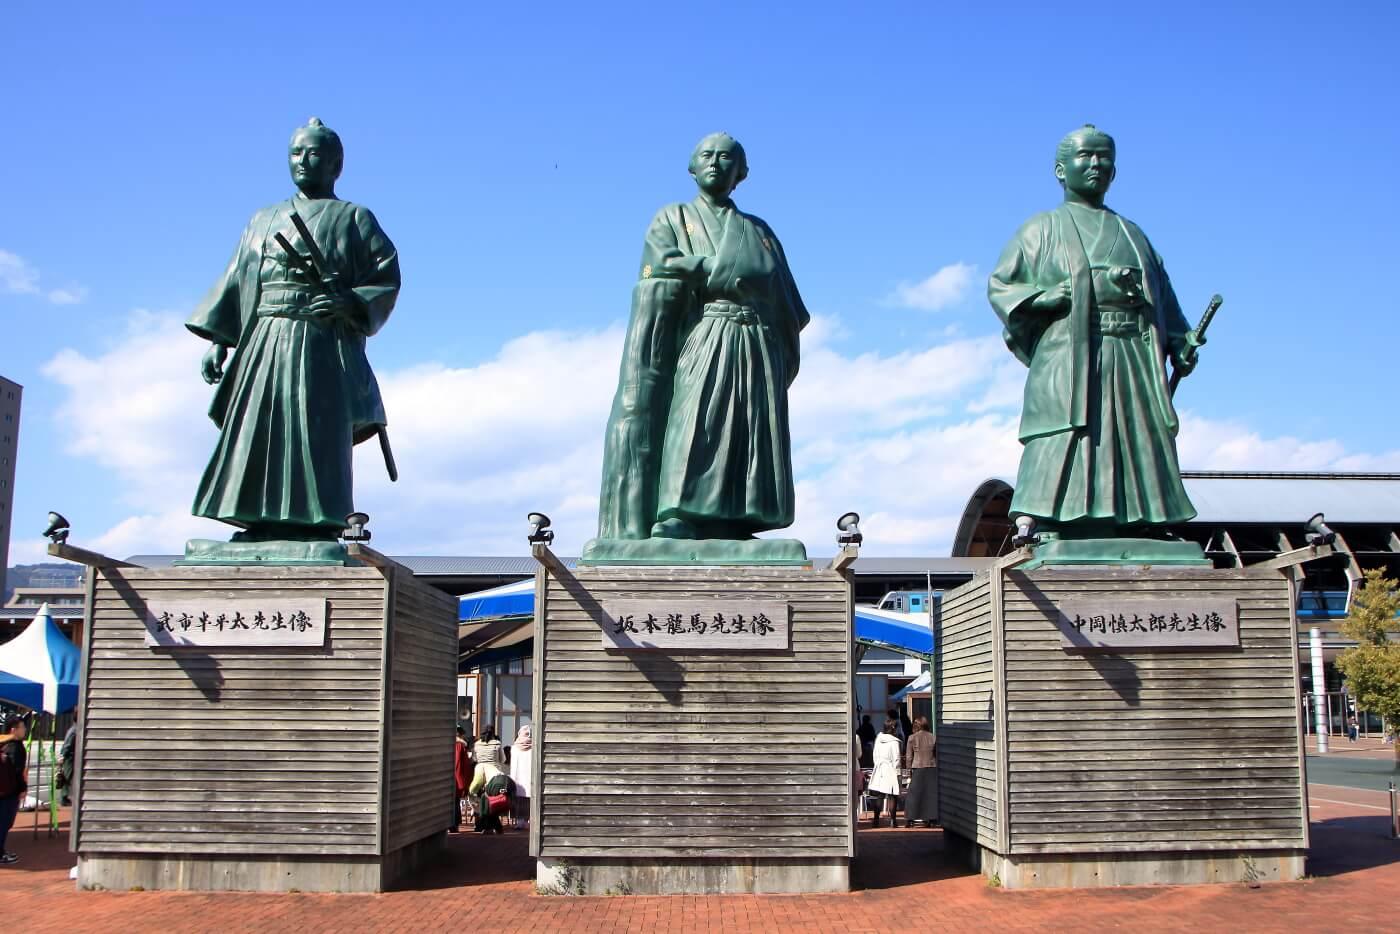 高知駅 坂本龍馬 中岡慎太郎 武市半平太 三志士の像